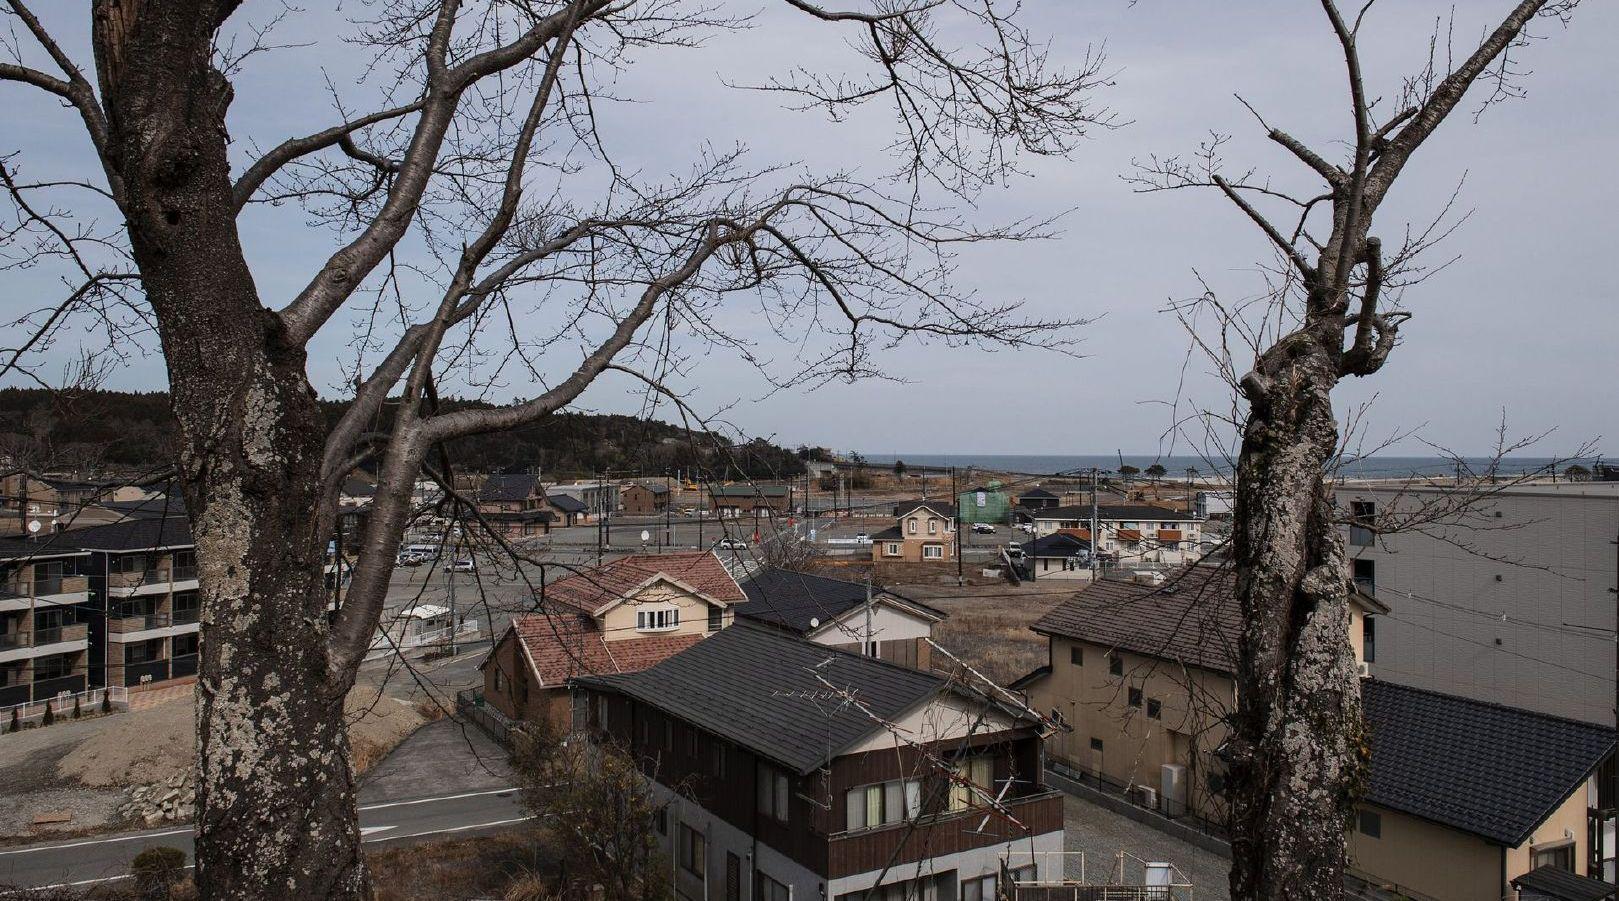 日本鼓励居民搬到核污染区